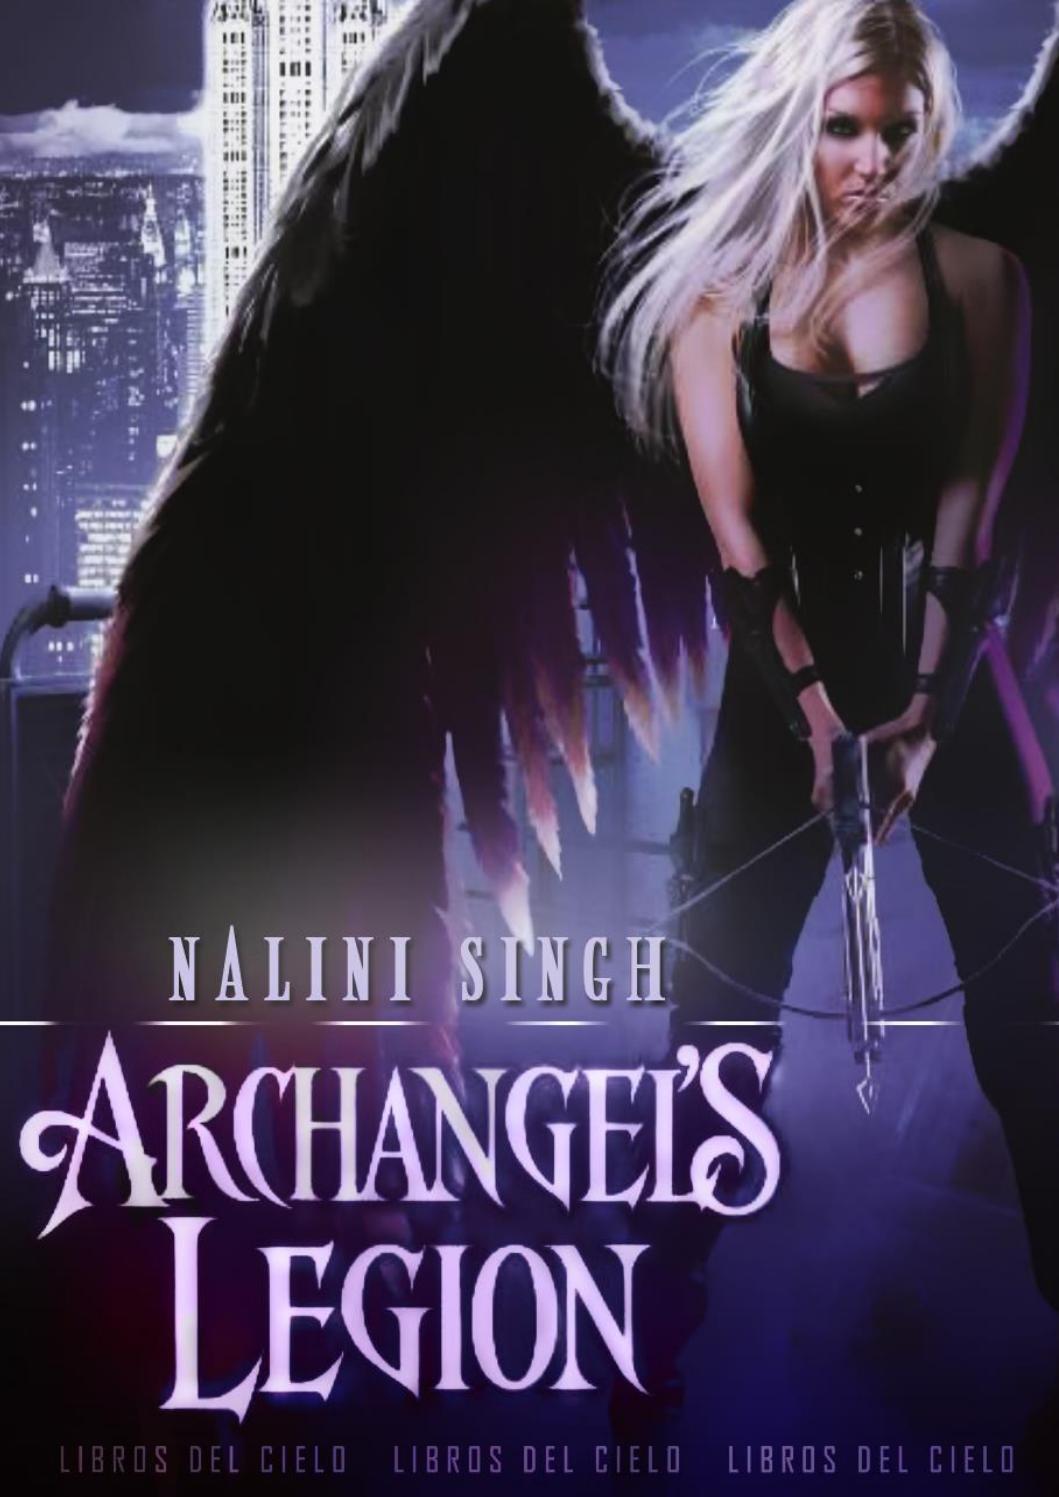 6 archangel ¦s legion nailini singh by isela avila - issuu